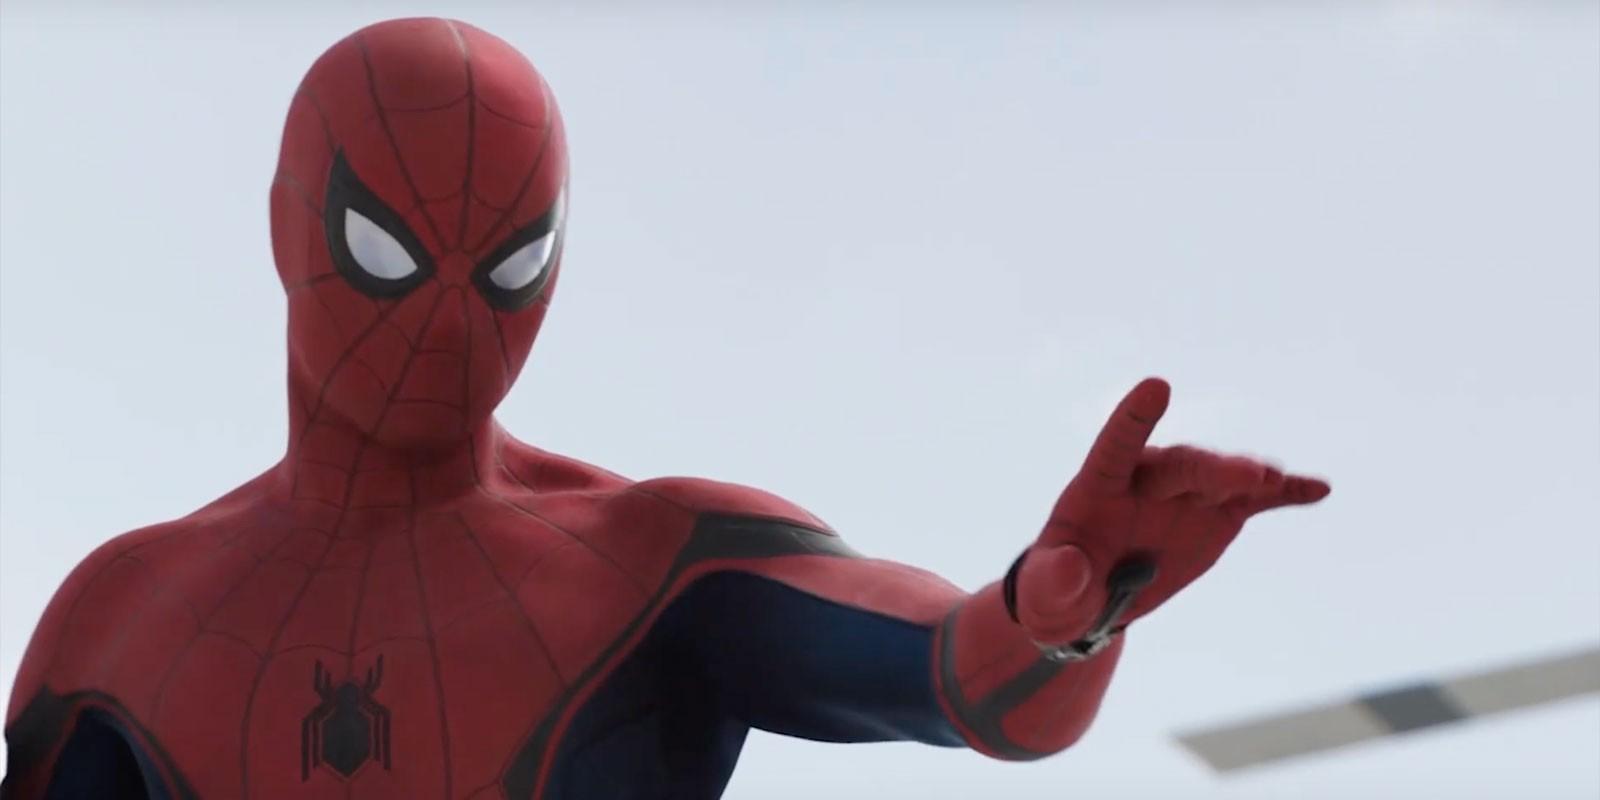 Питер Паркер в костюме красных и черных тонах